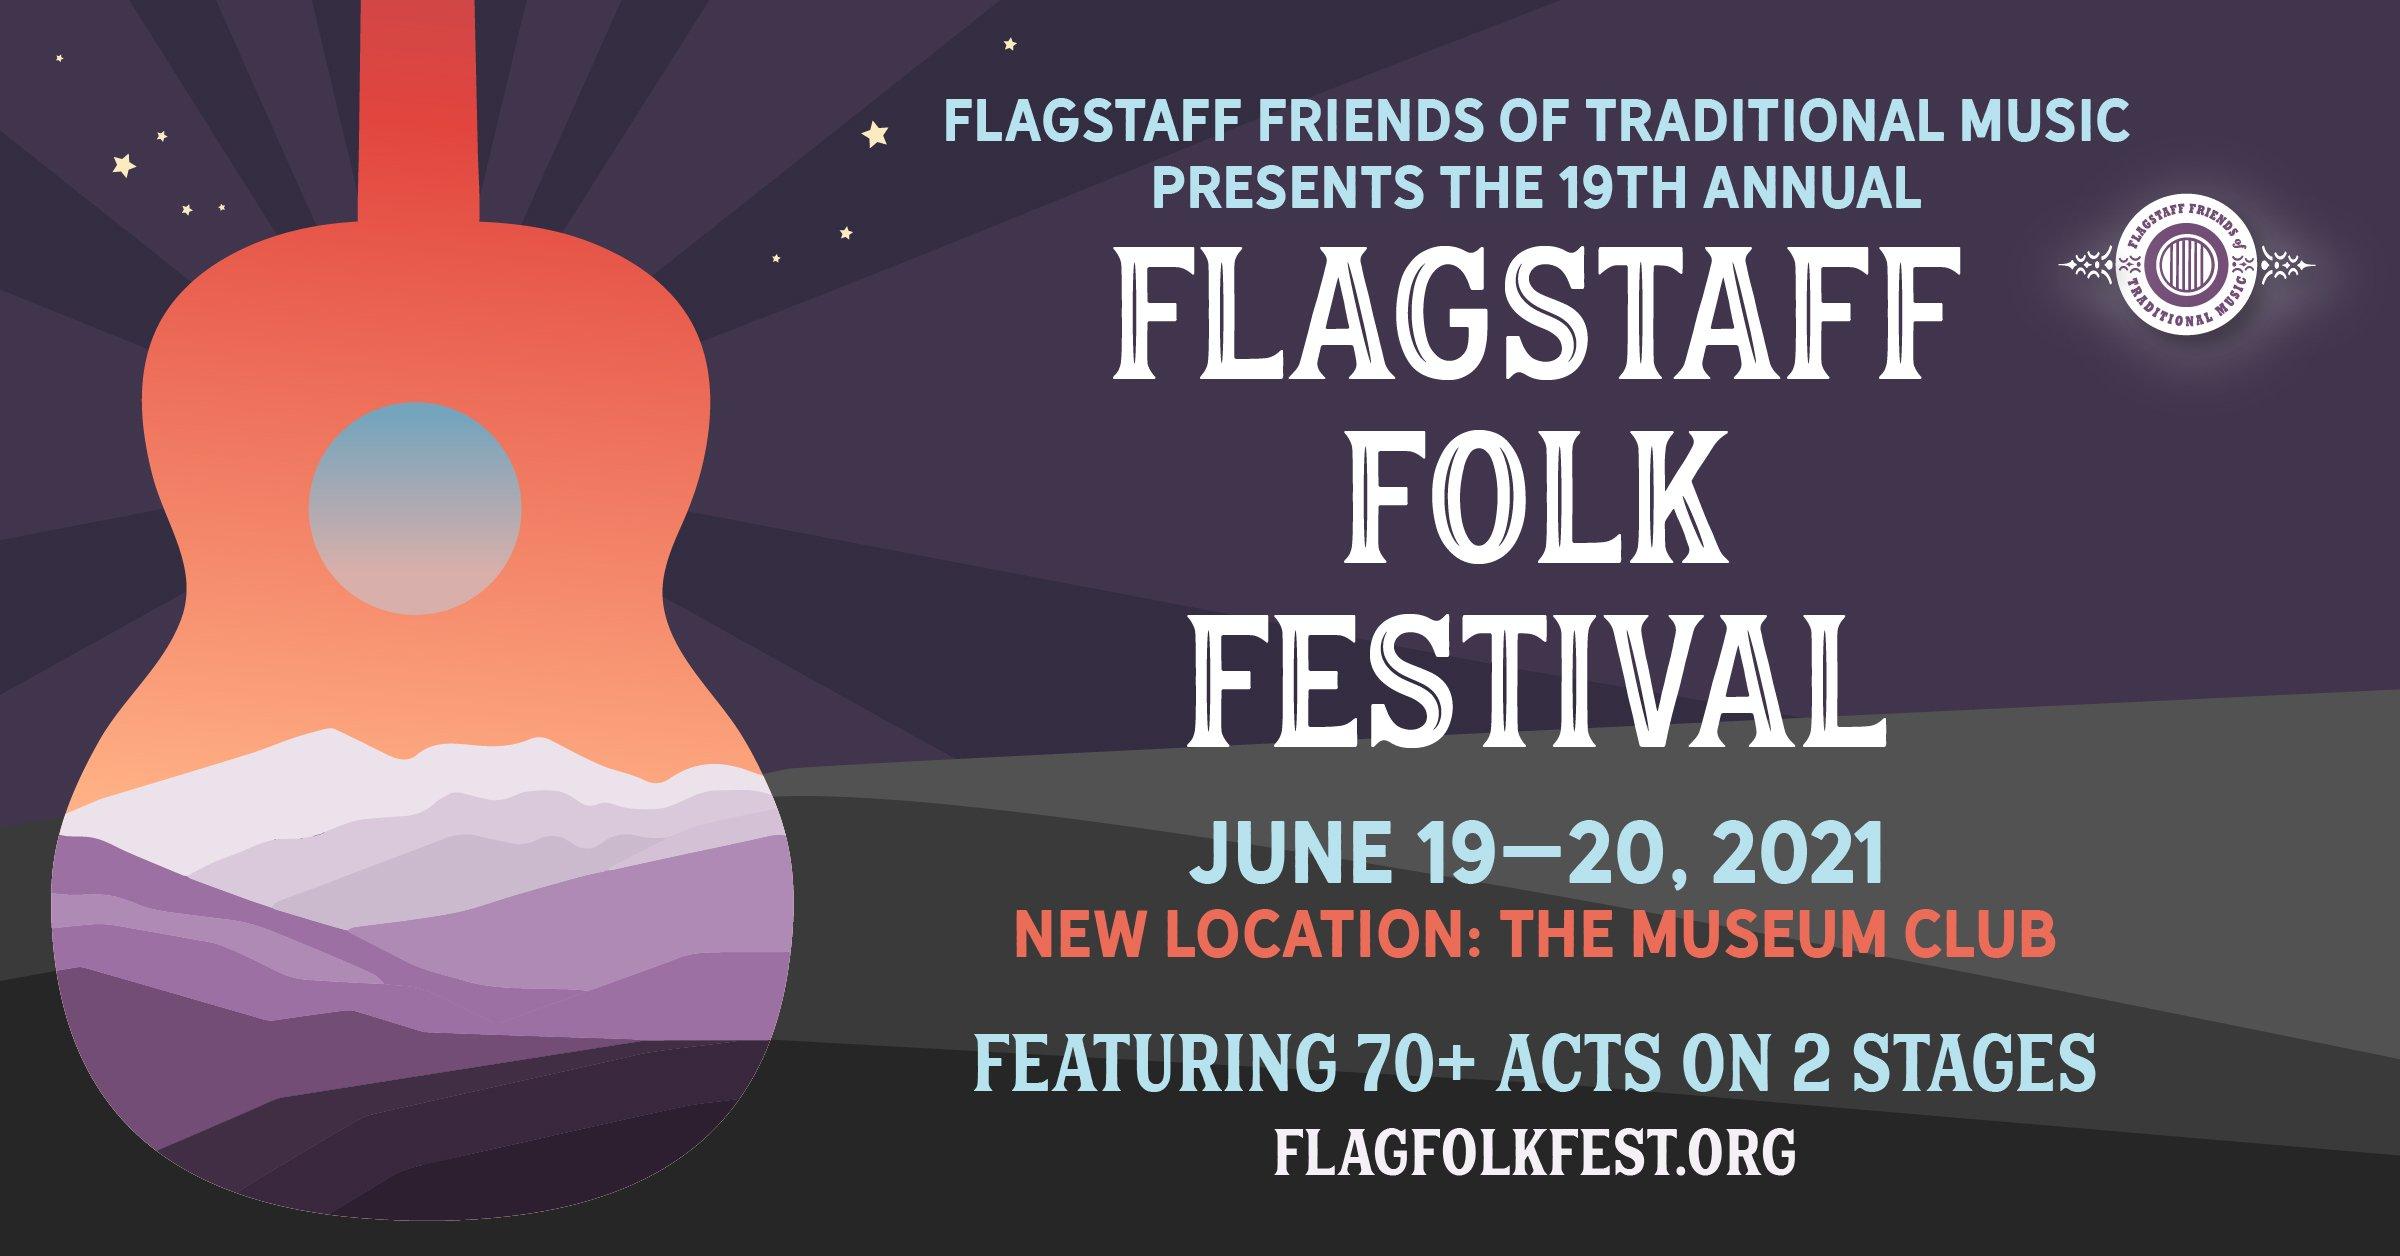 Flagstaff Folk Festival 2021